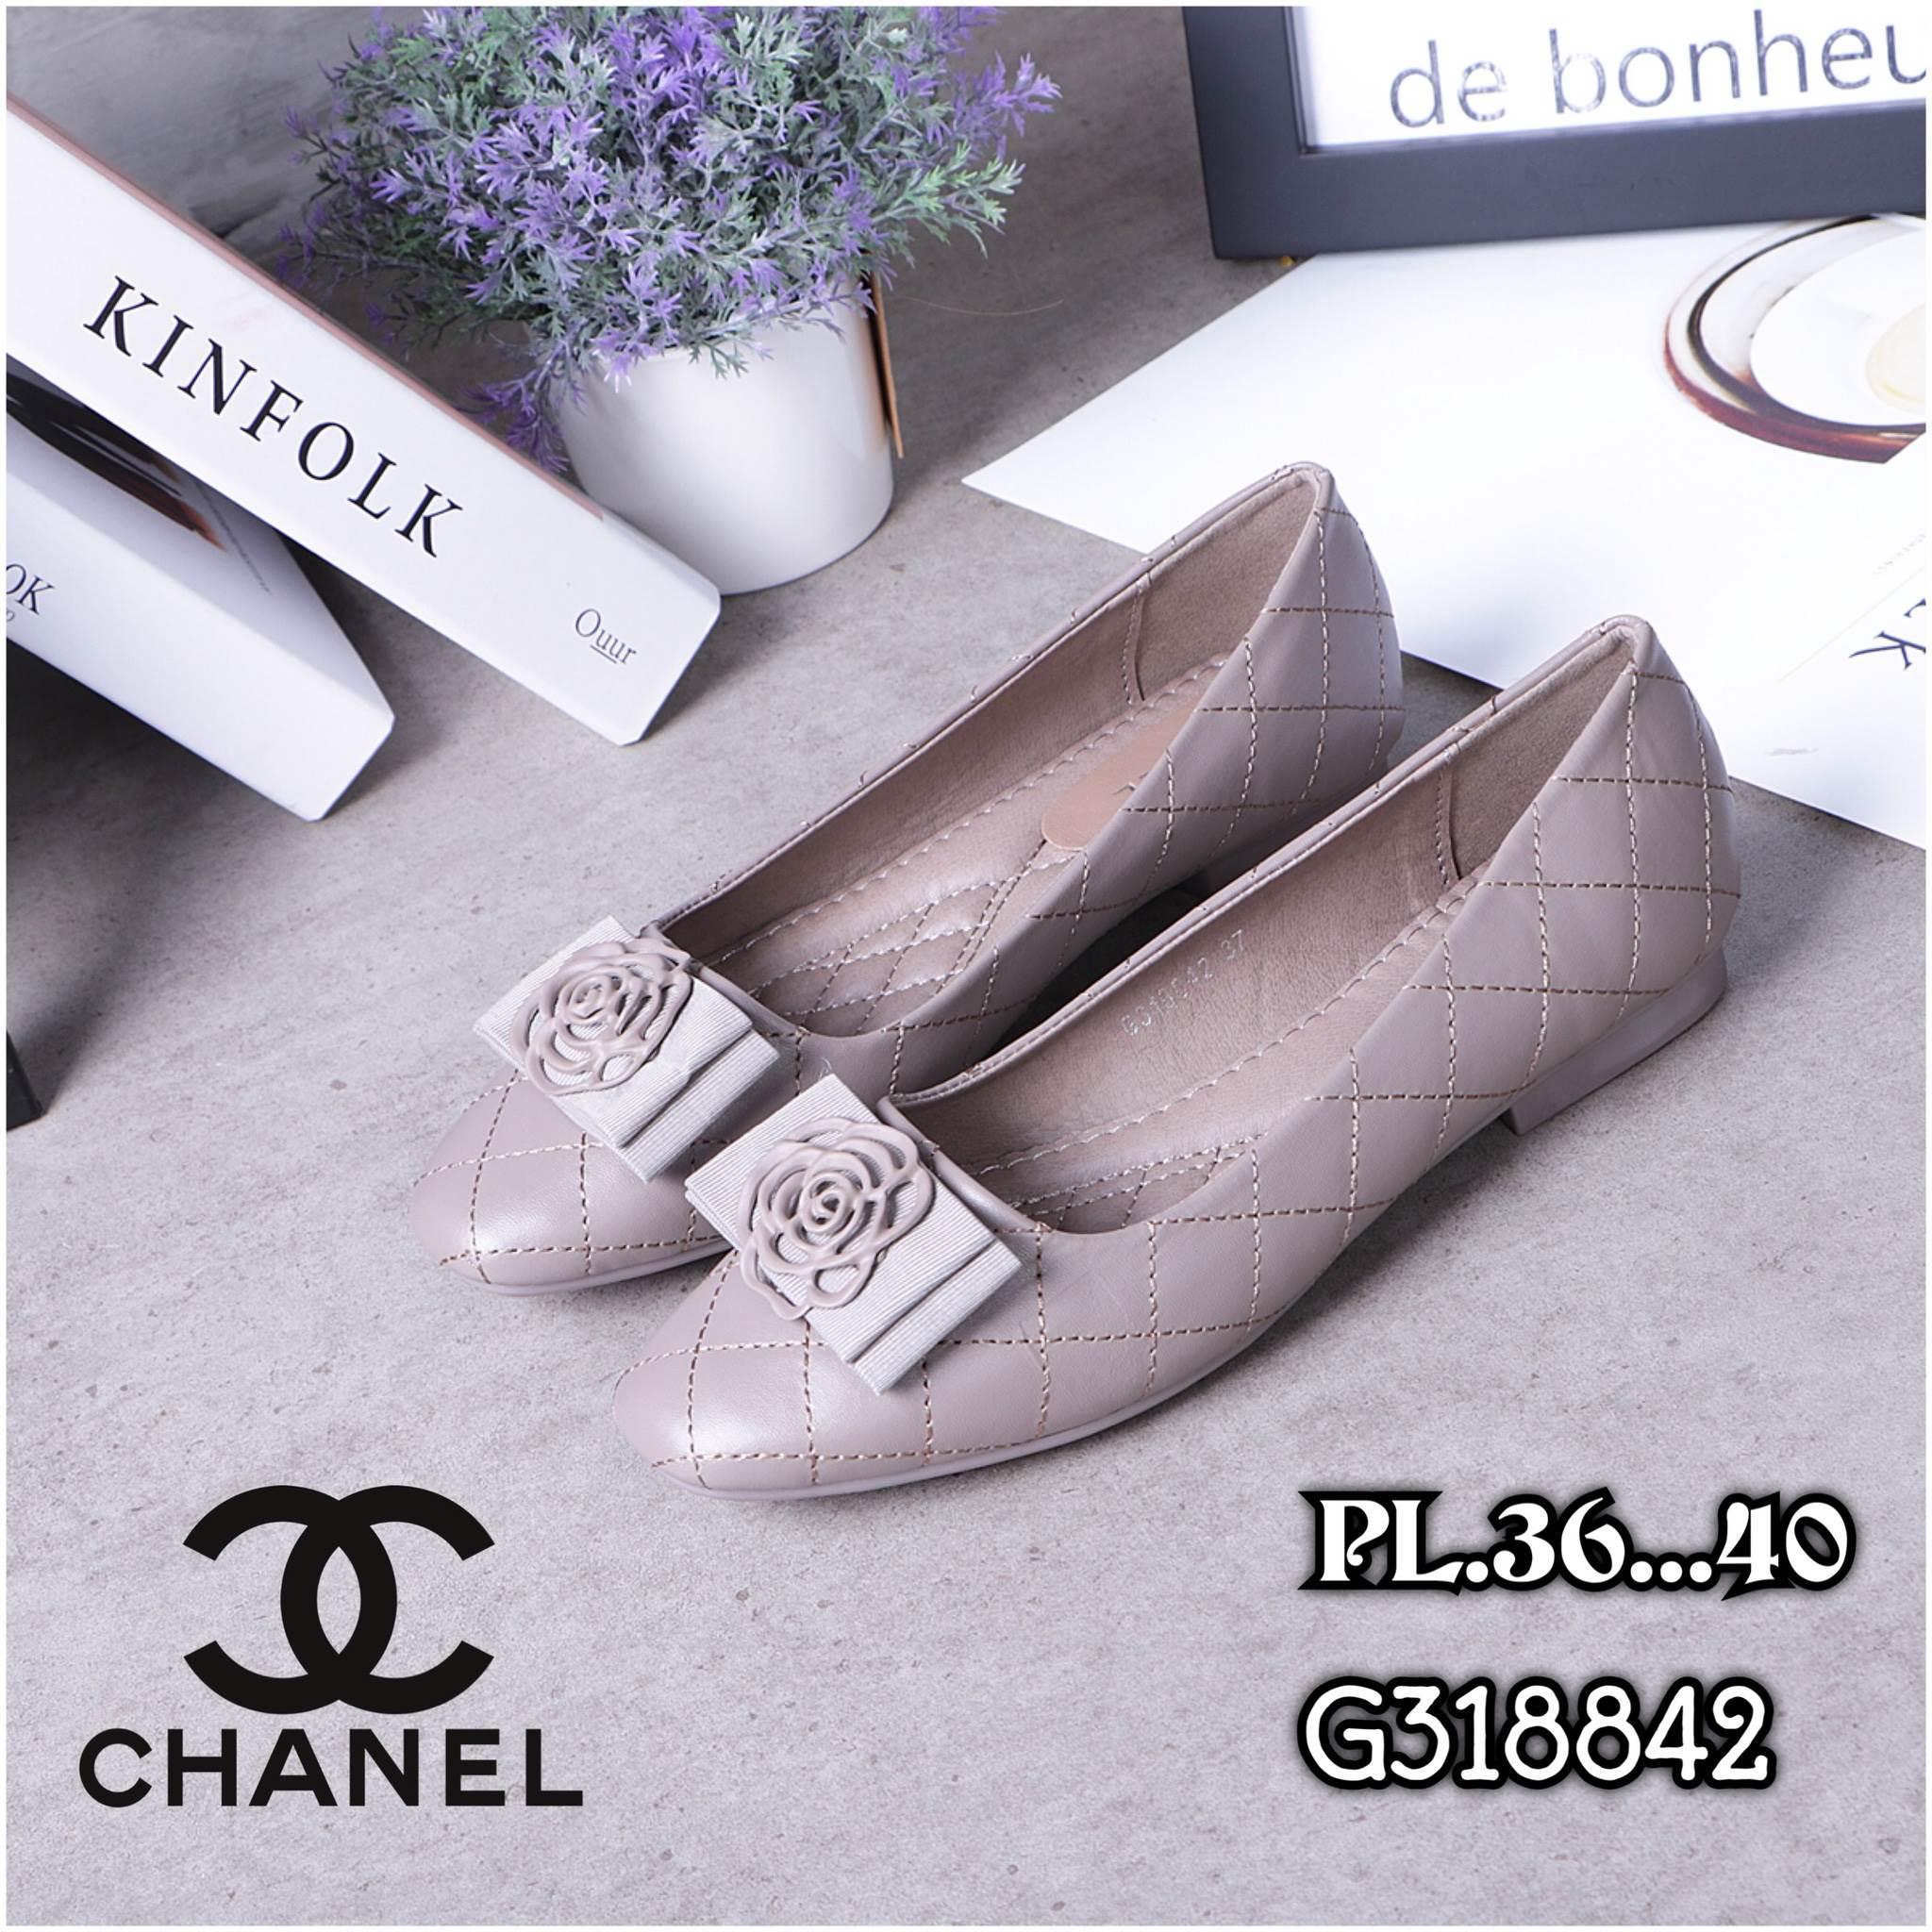 รองเท้าคัทชู ส้นแบน เดินเส้นตารางแต่งดอกคามิเลียสวยเก๋สไตล์ชาแนล หนังนิ่ม พื้นนิ่ม ทรงสวย ใส่สบาย แมทสวยได้ทุกชุด (G318842)